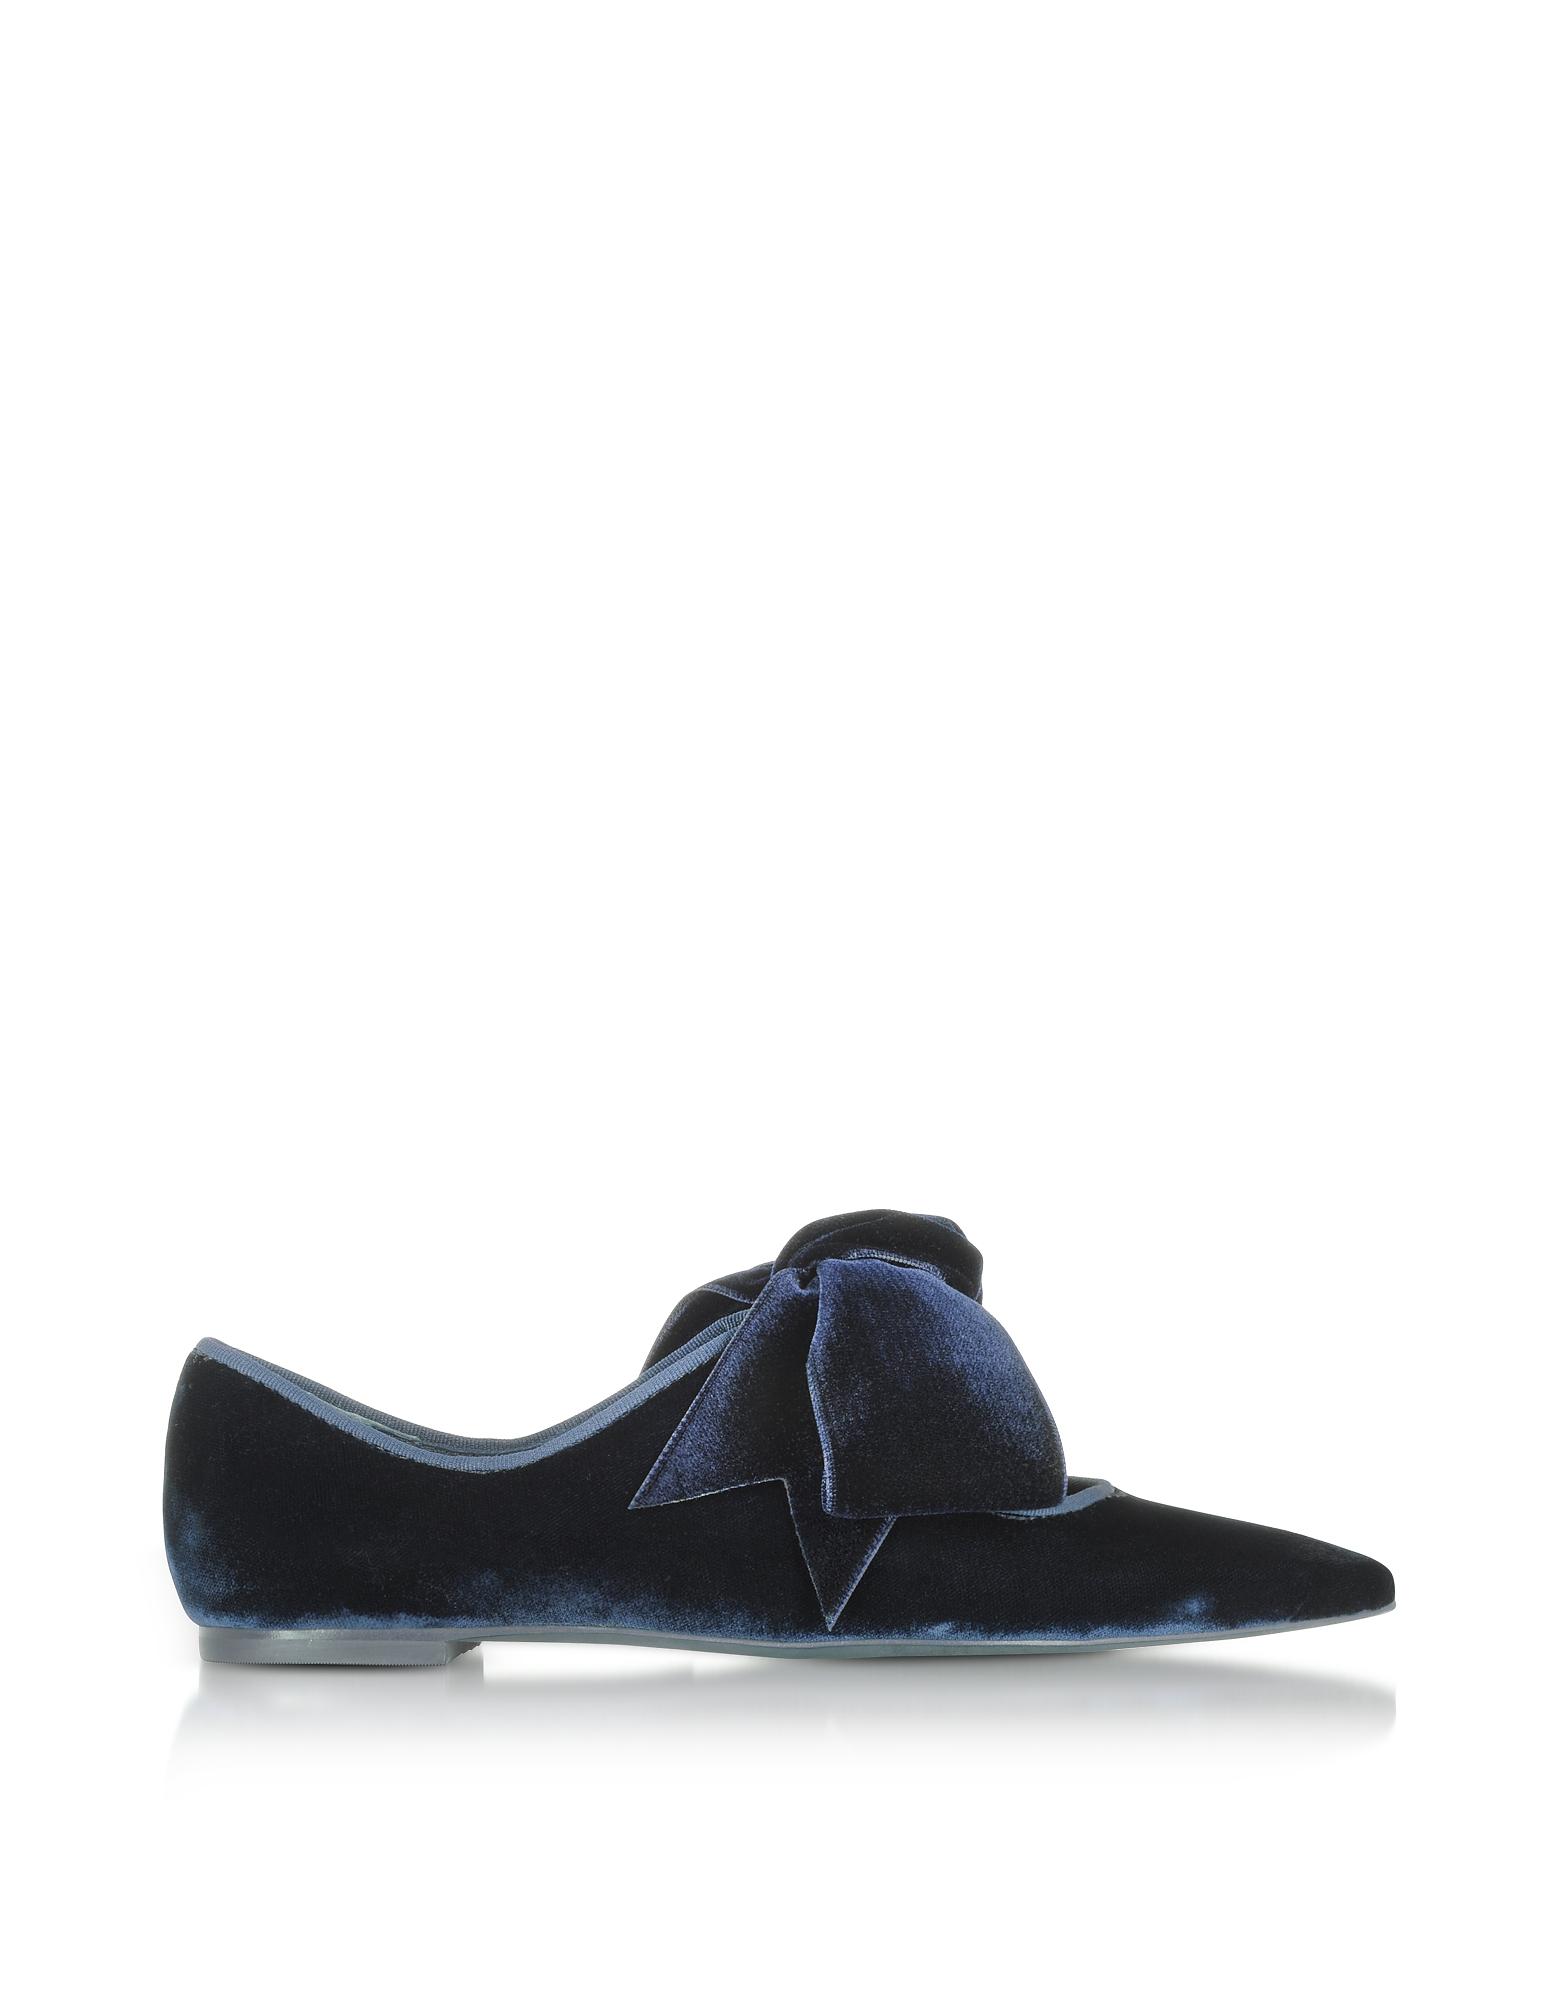 Tory Burch Shoes, Clara Flat Blue Velvet and Grossgrain Ballerina